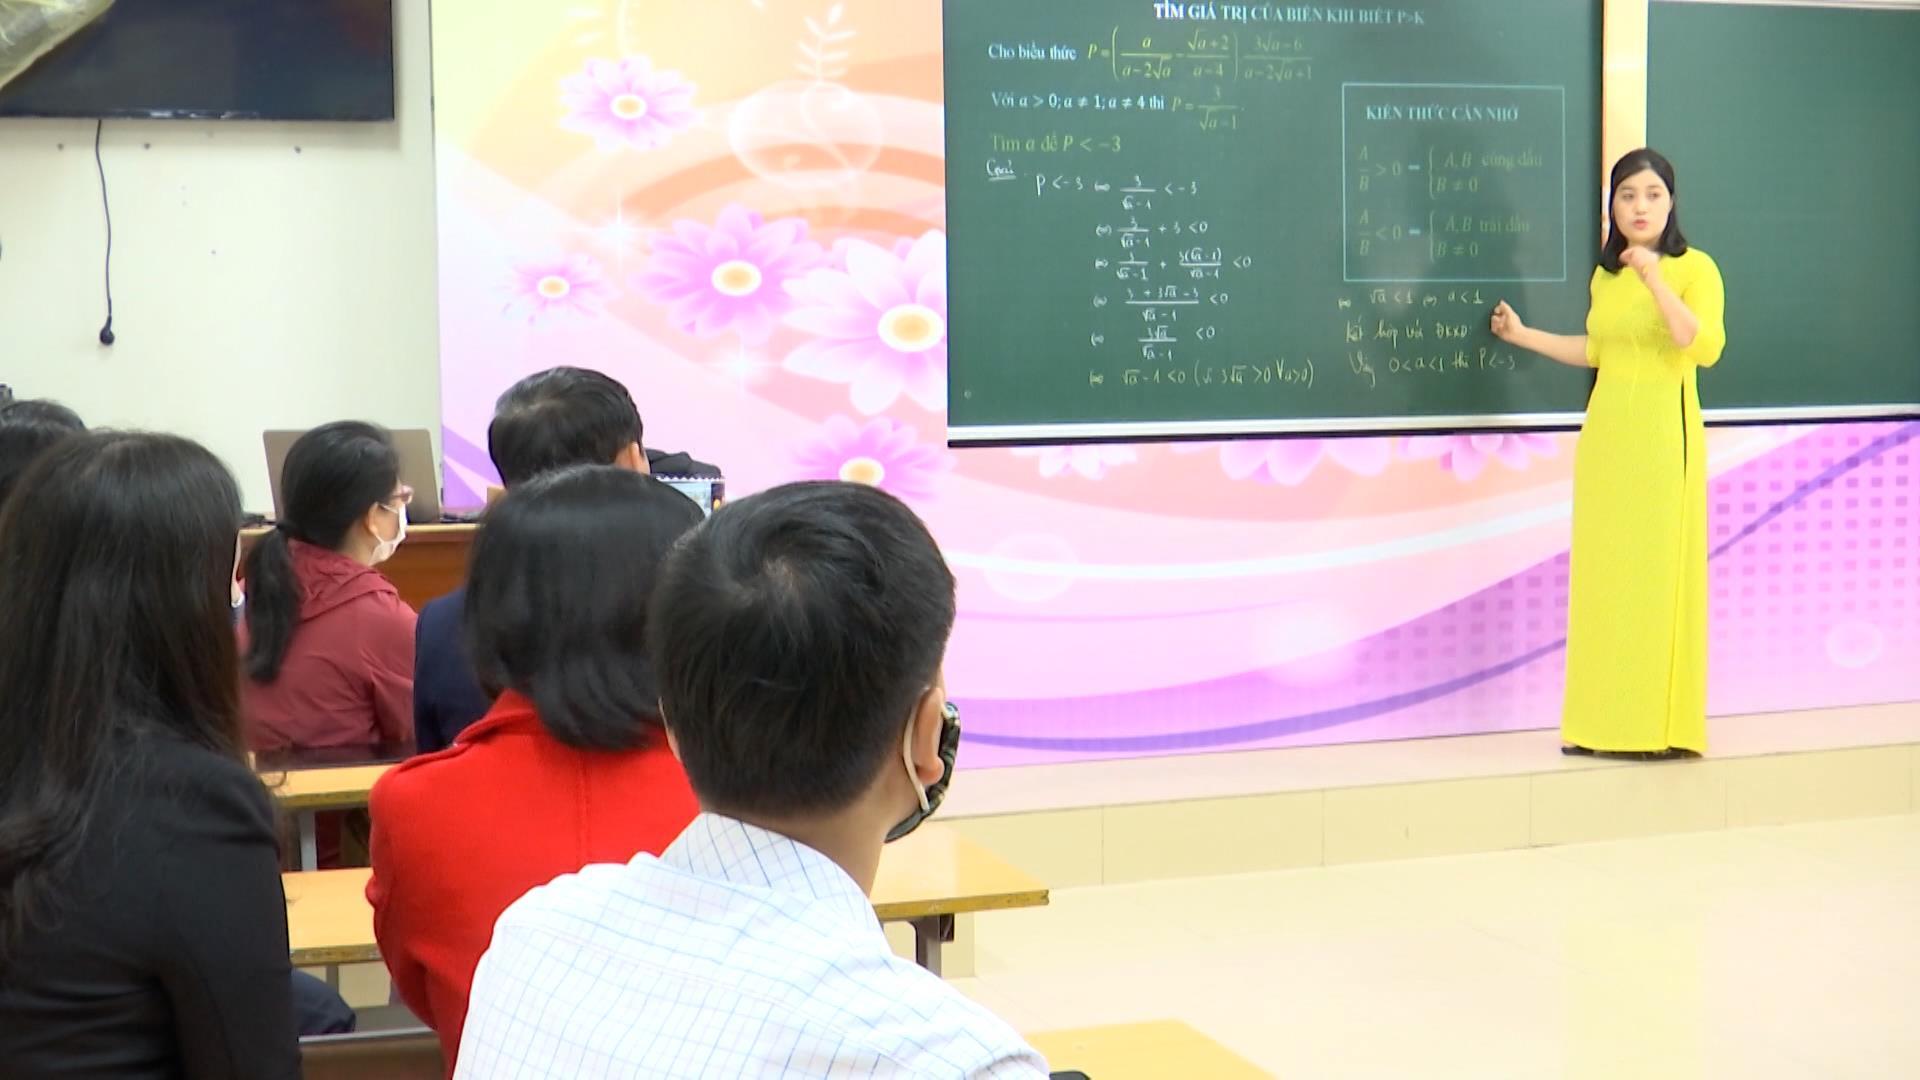 Nghiêm cấm việc tập trung học sinh, nhóm học sinh để tổ chức dạy thêm học thêm trái quy định